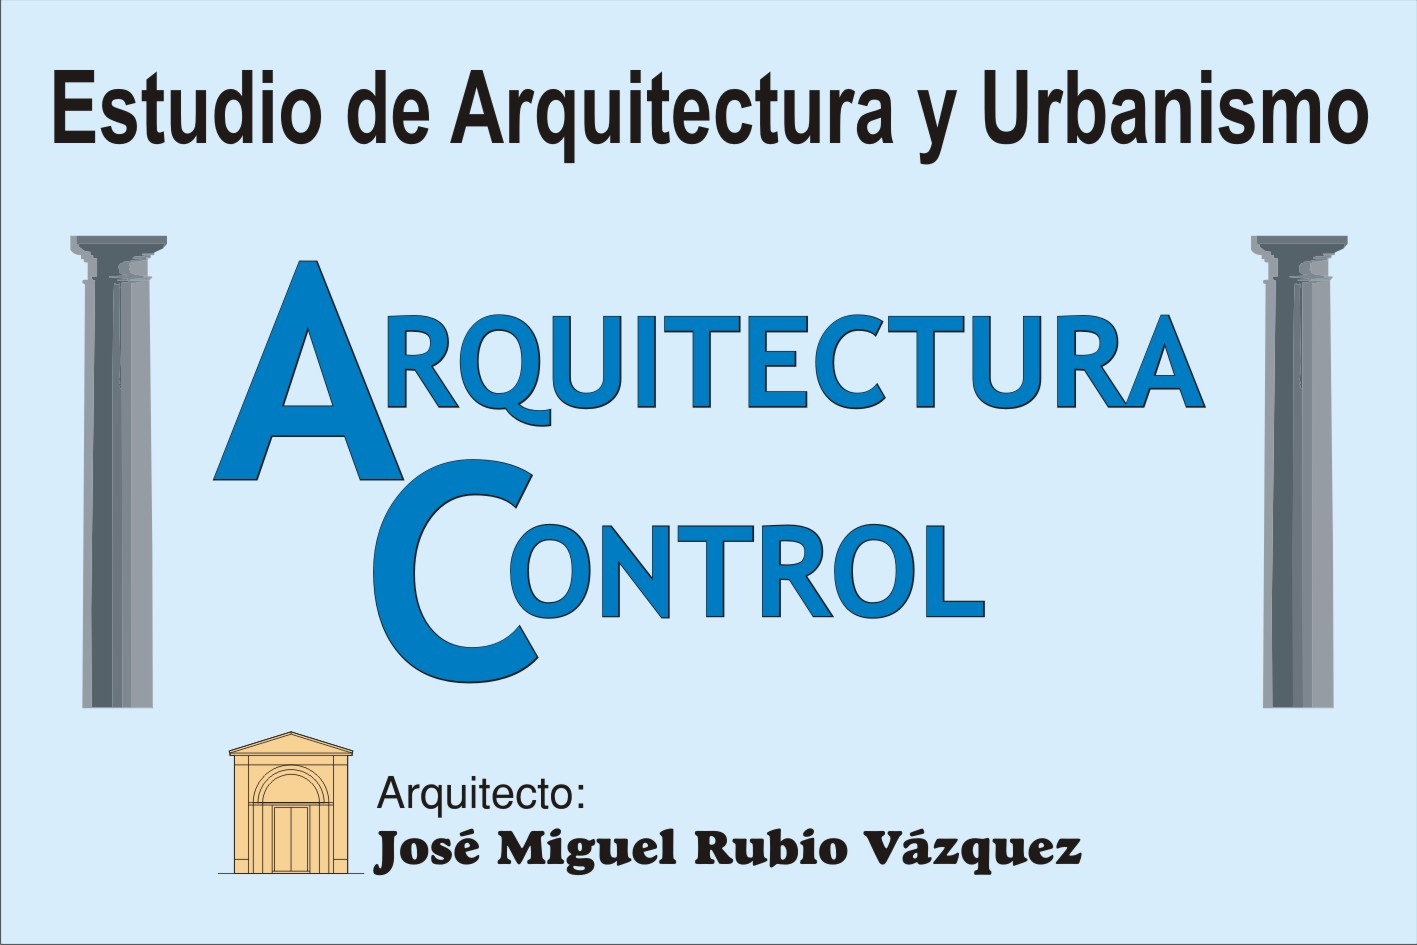 José Miguel Rubio Vázquez